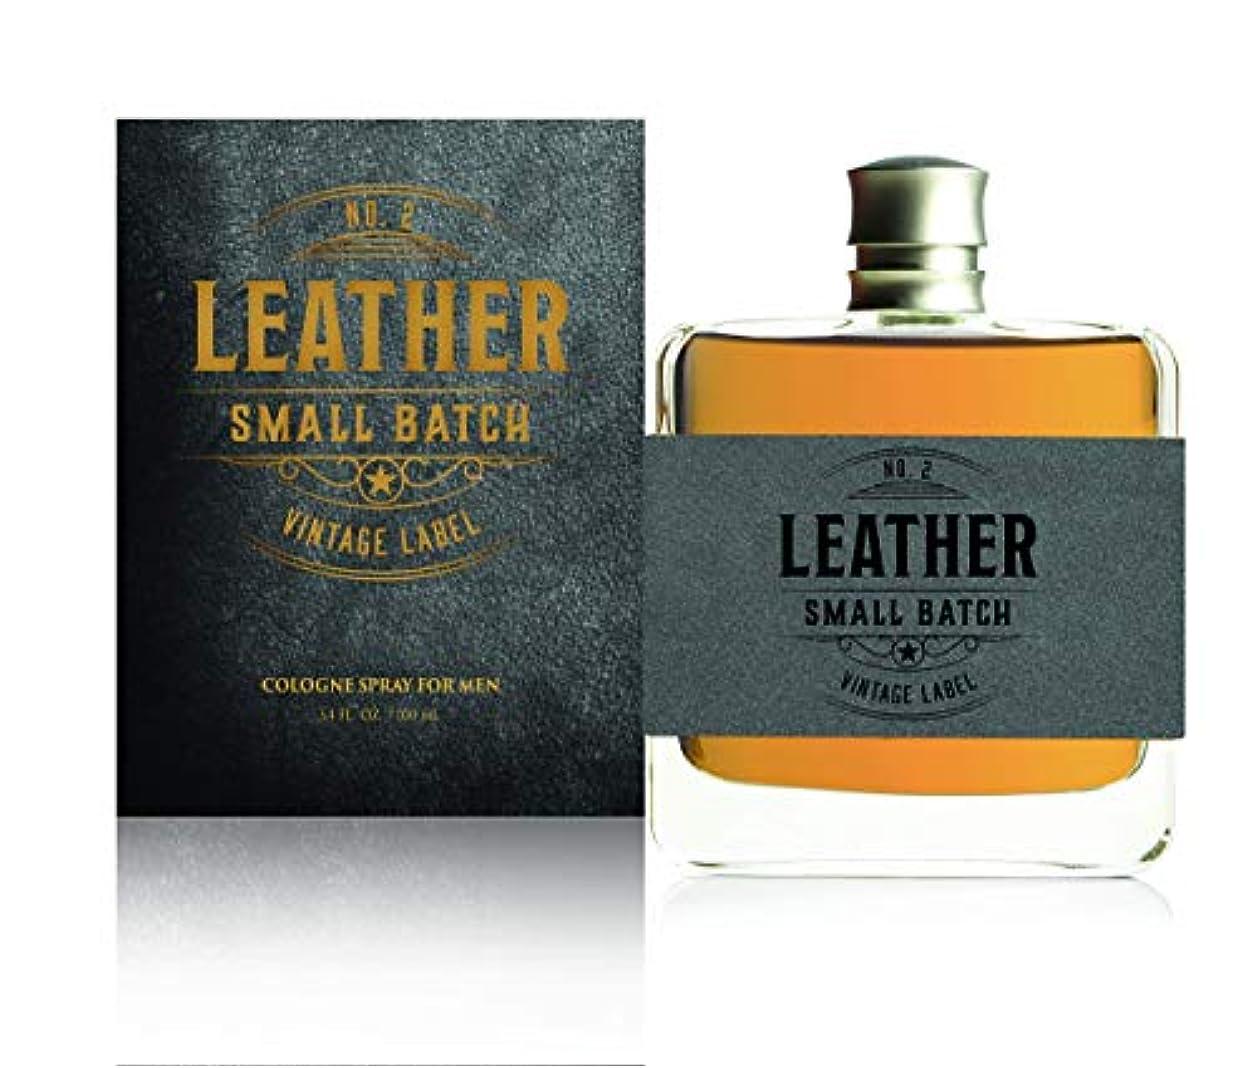 普遍的な純度用心Tru Fragrance & Beauty 男性用レザー第2小ロットヴィンテージはラベル-本格フレグランス香水 - 大胆な男性の香り - ウッディノート - 3.4オズ